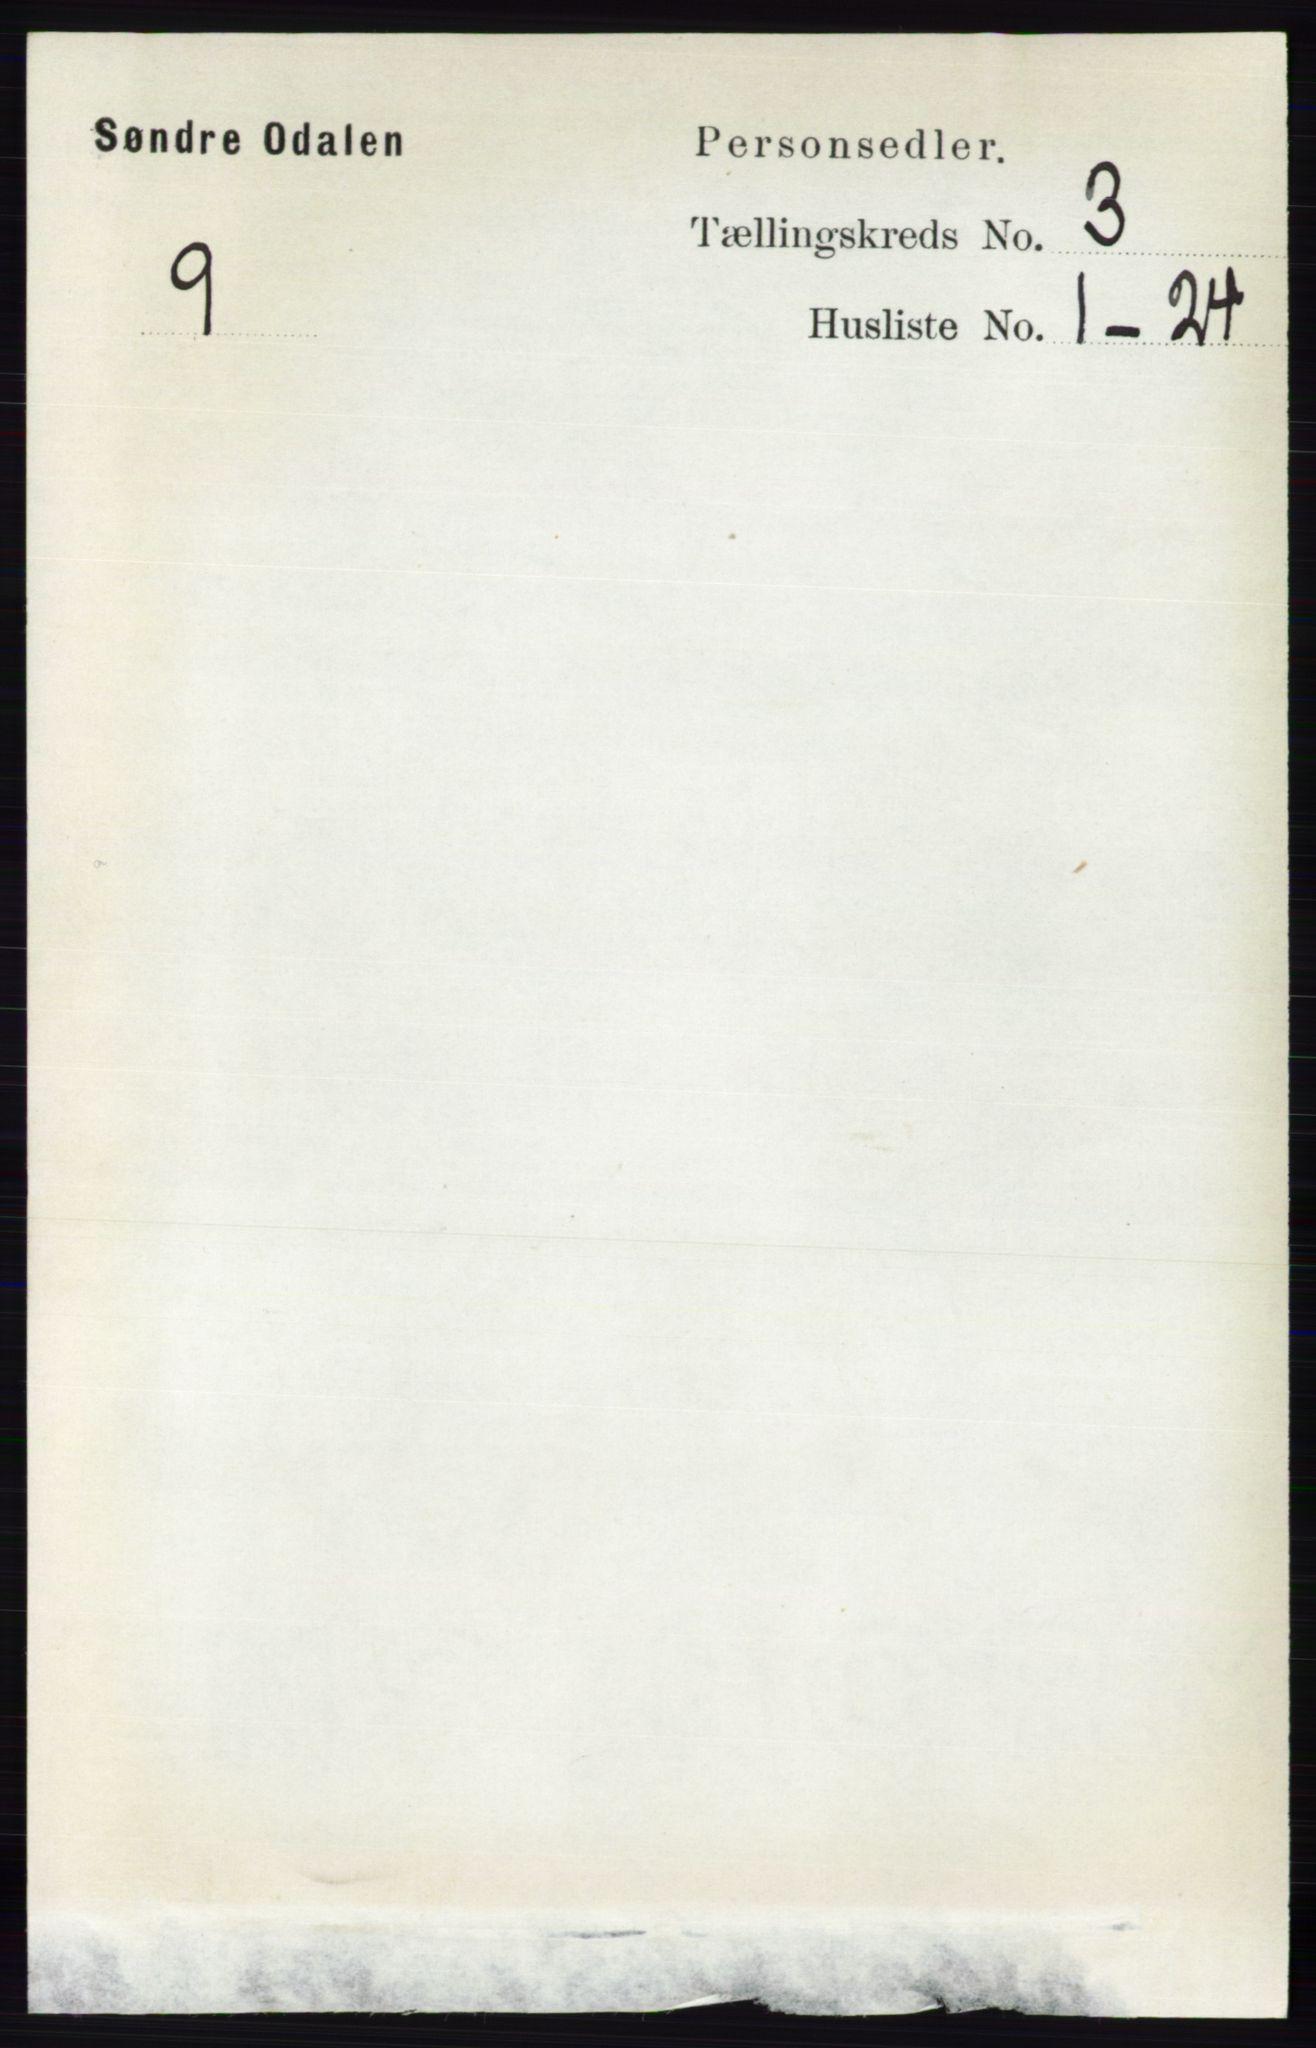 RA, Folketelling 1891 for 0419 Sør-Odal herred, 1891, s. 1152